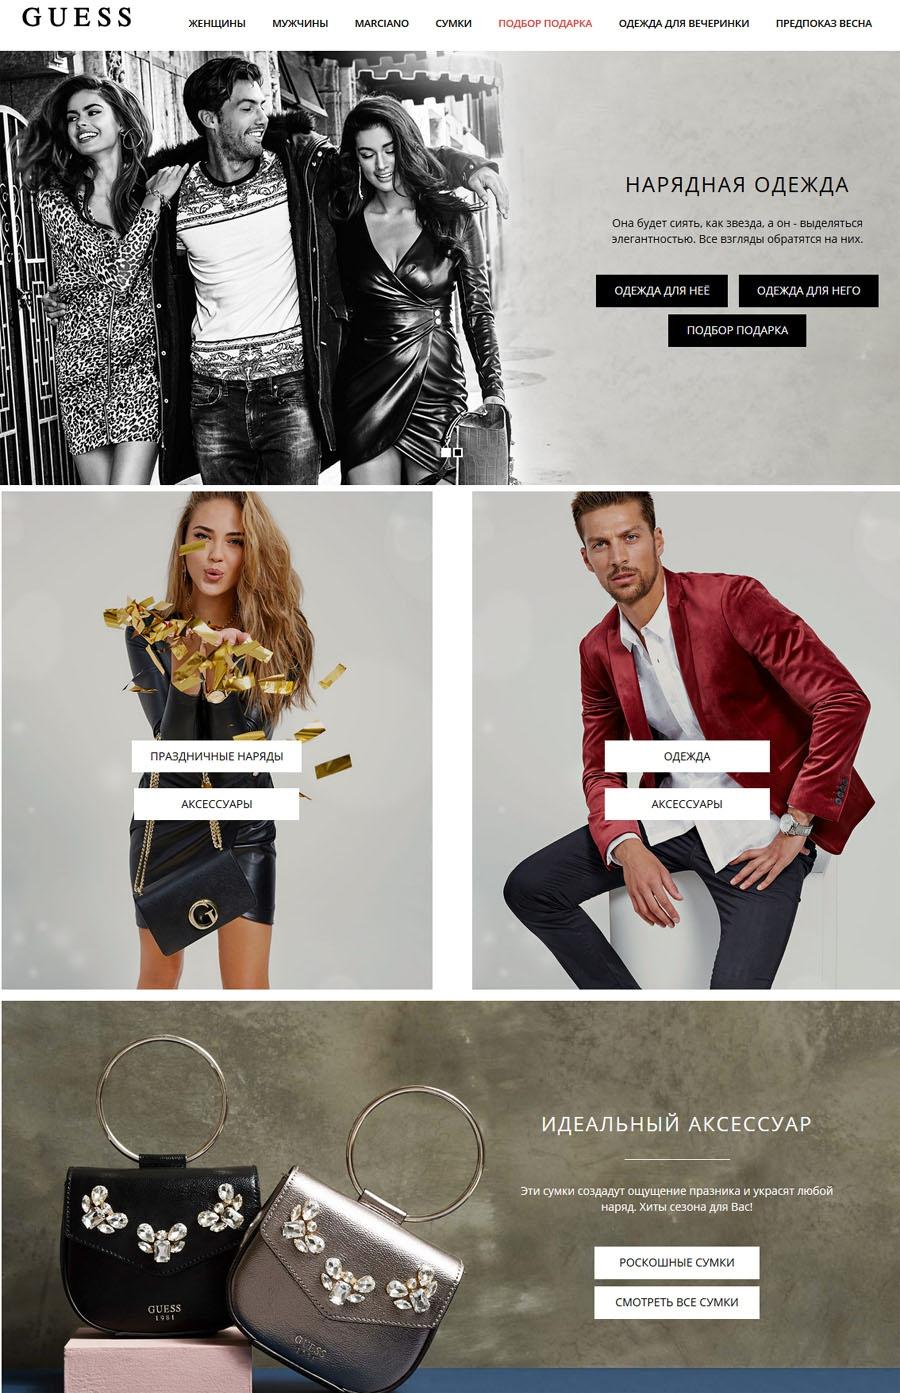 Гесс Одежда Интернет Магазин Официальный Сайт